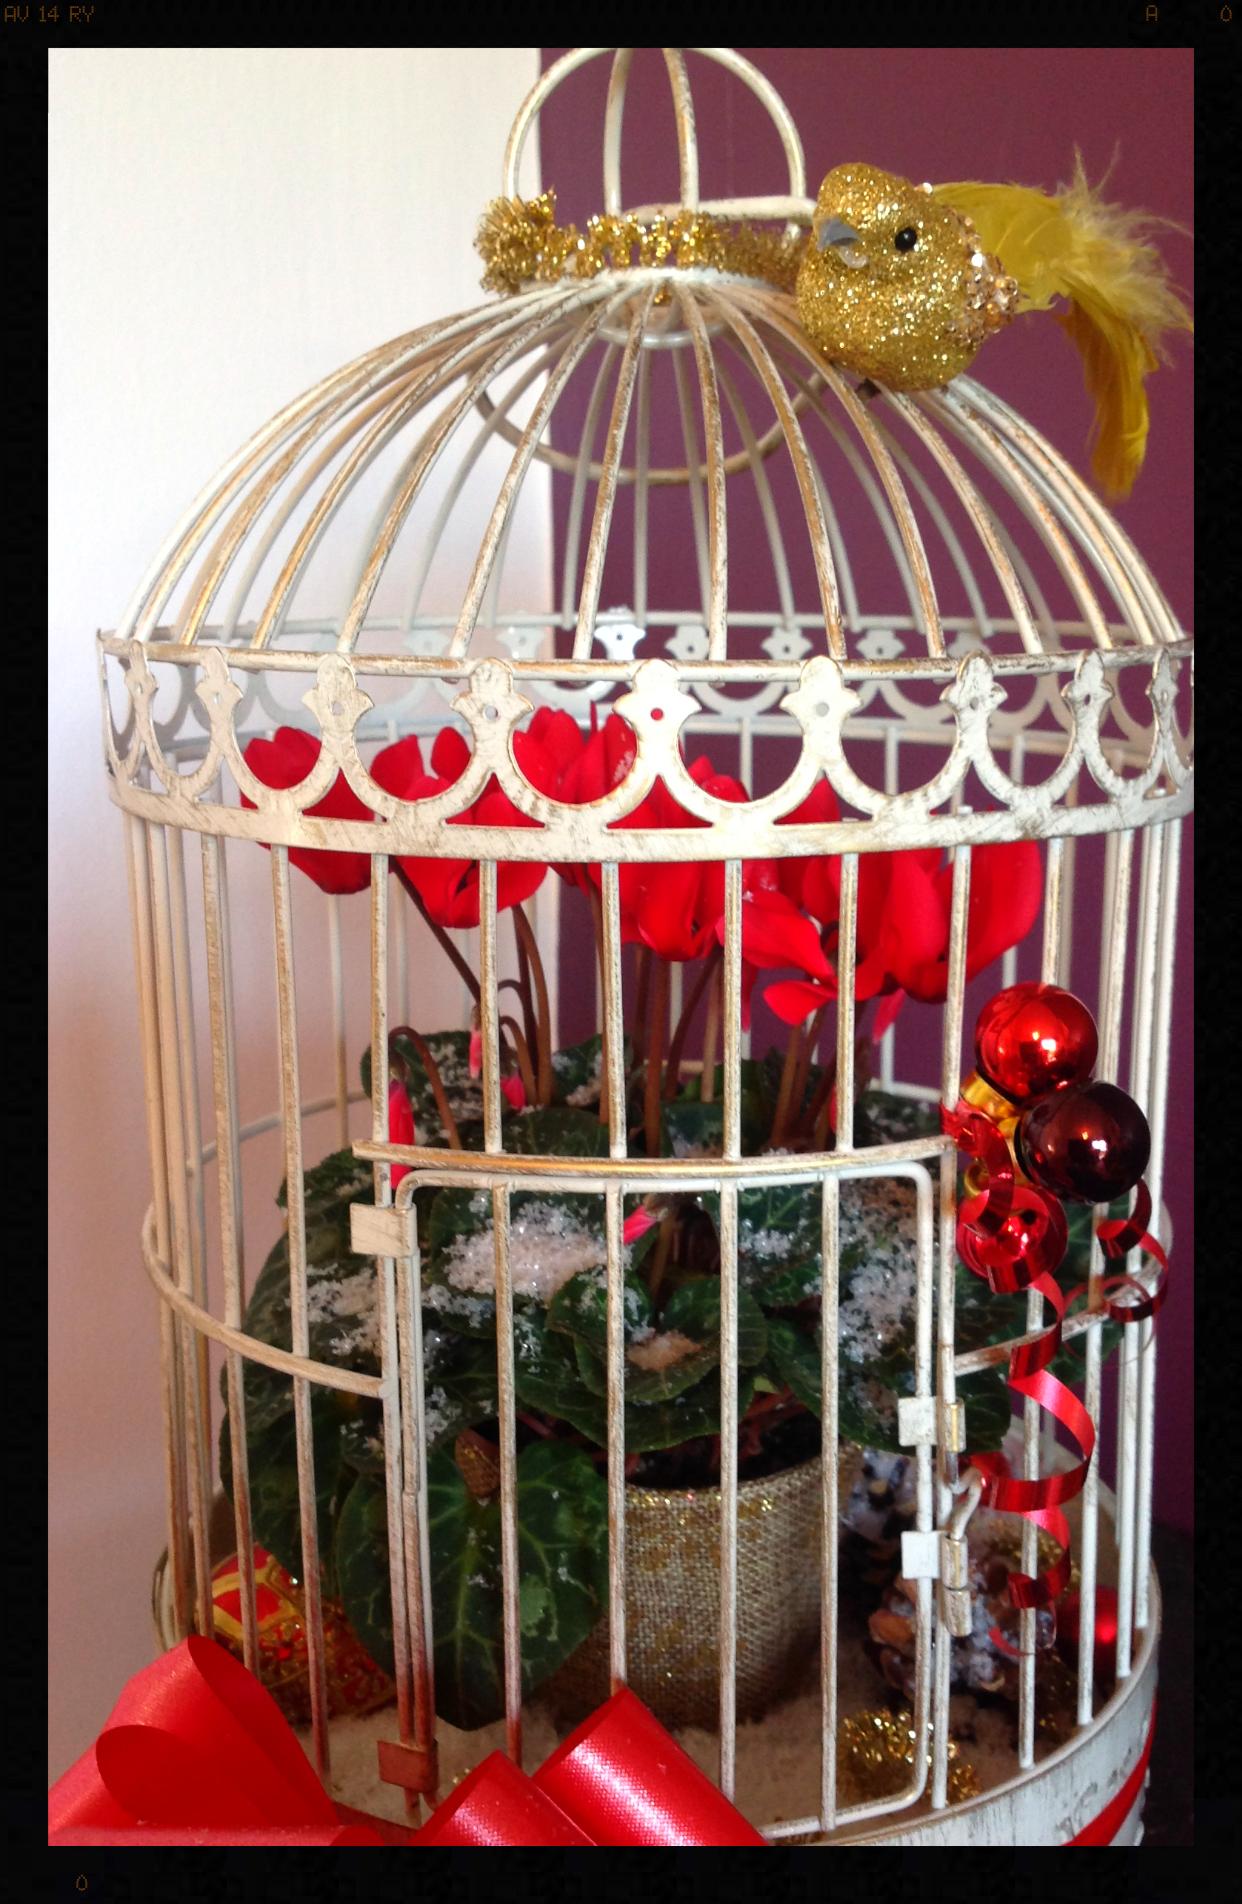 Festive birdcage